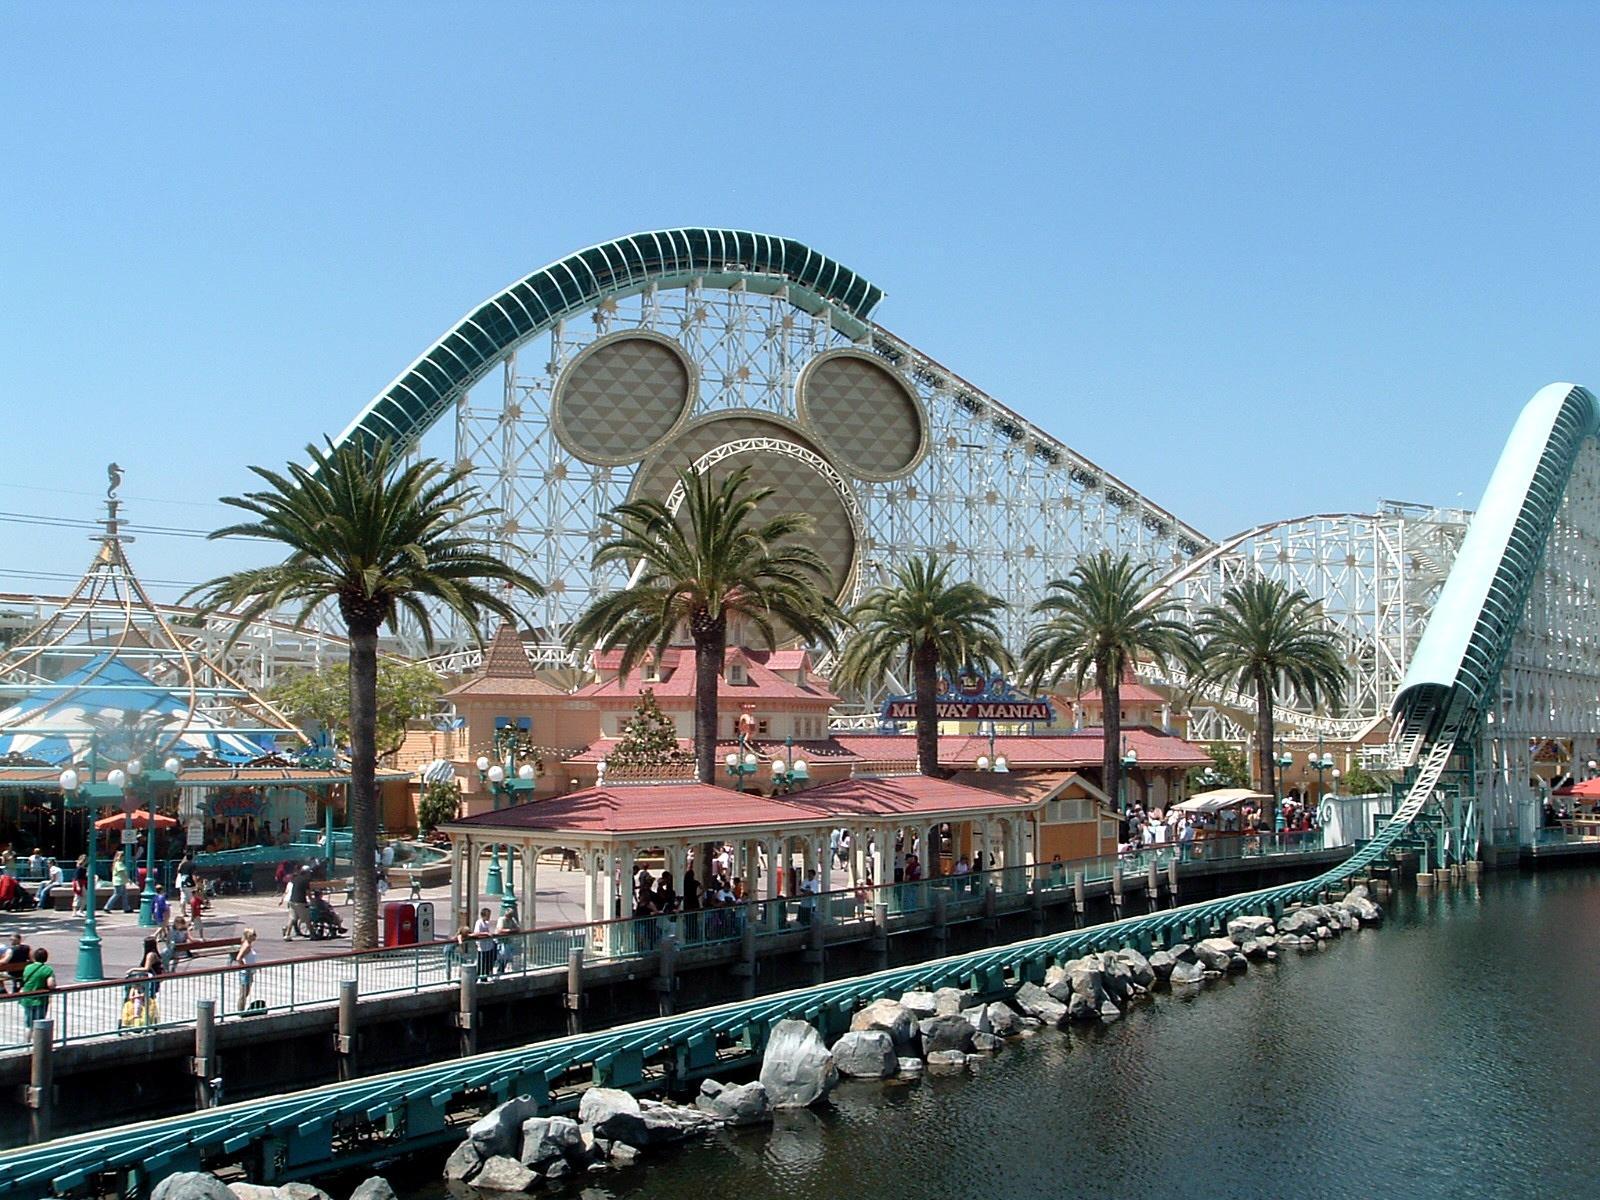 Image Result For St Walt Disney